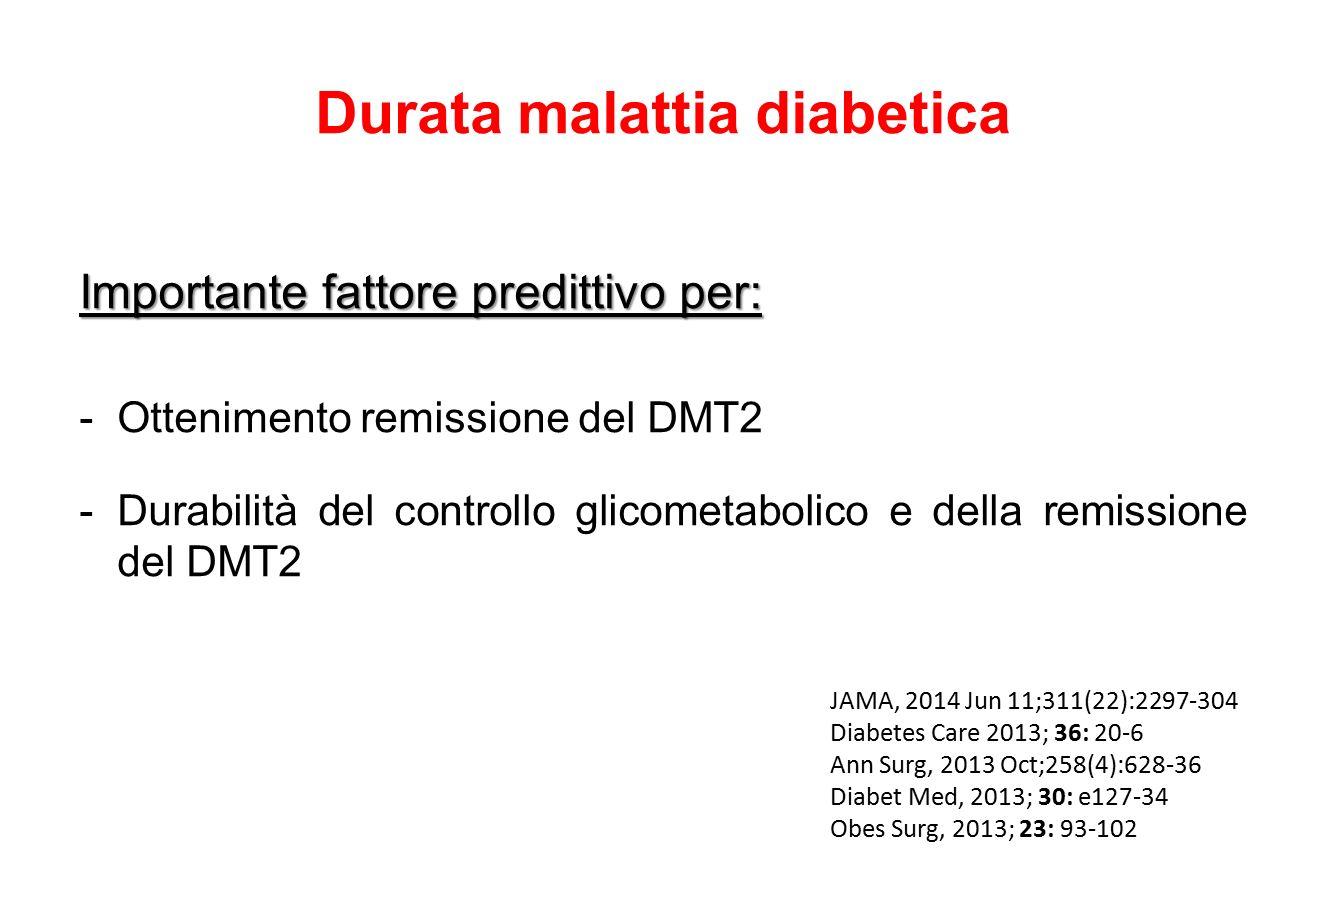 Durata malattia diabetica